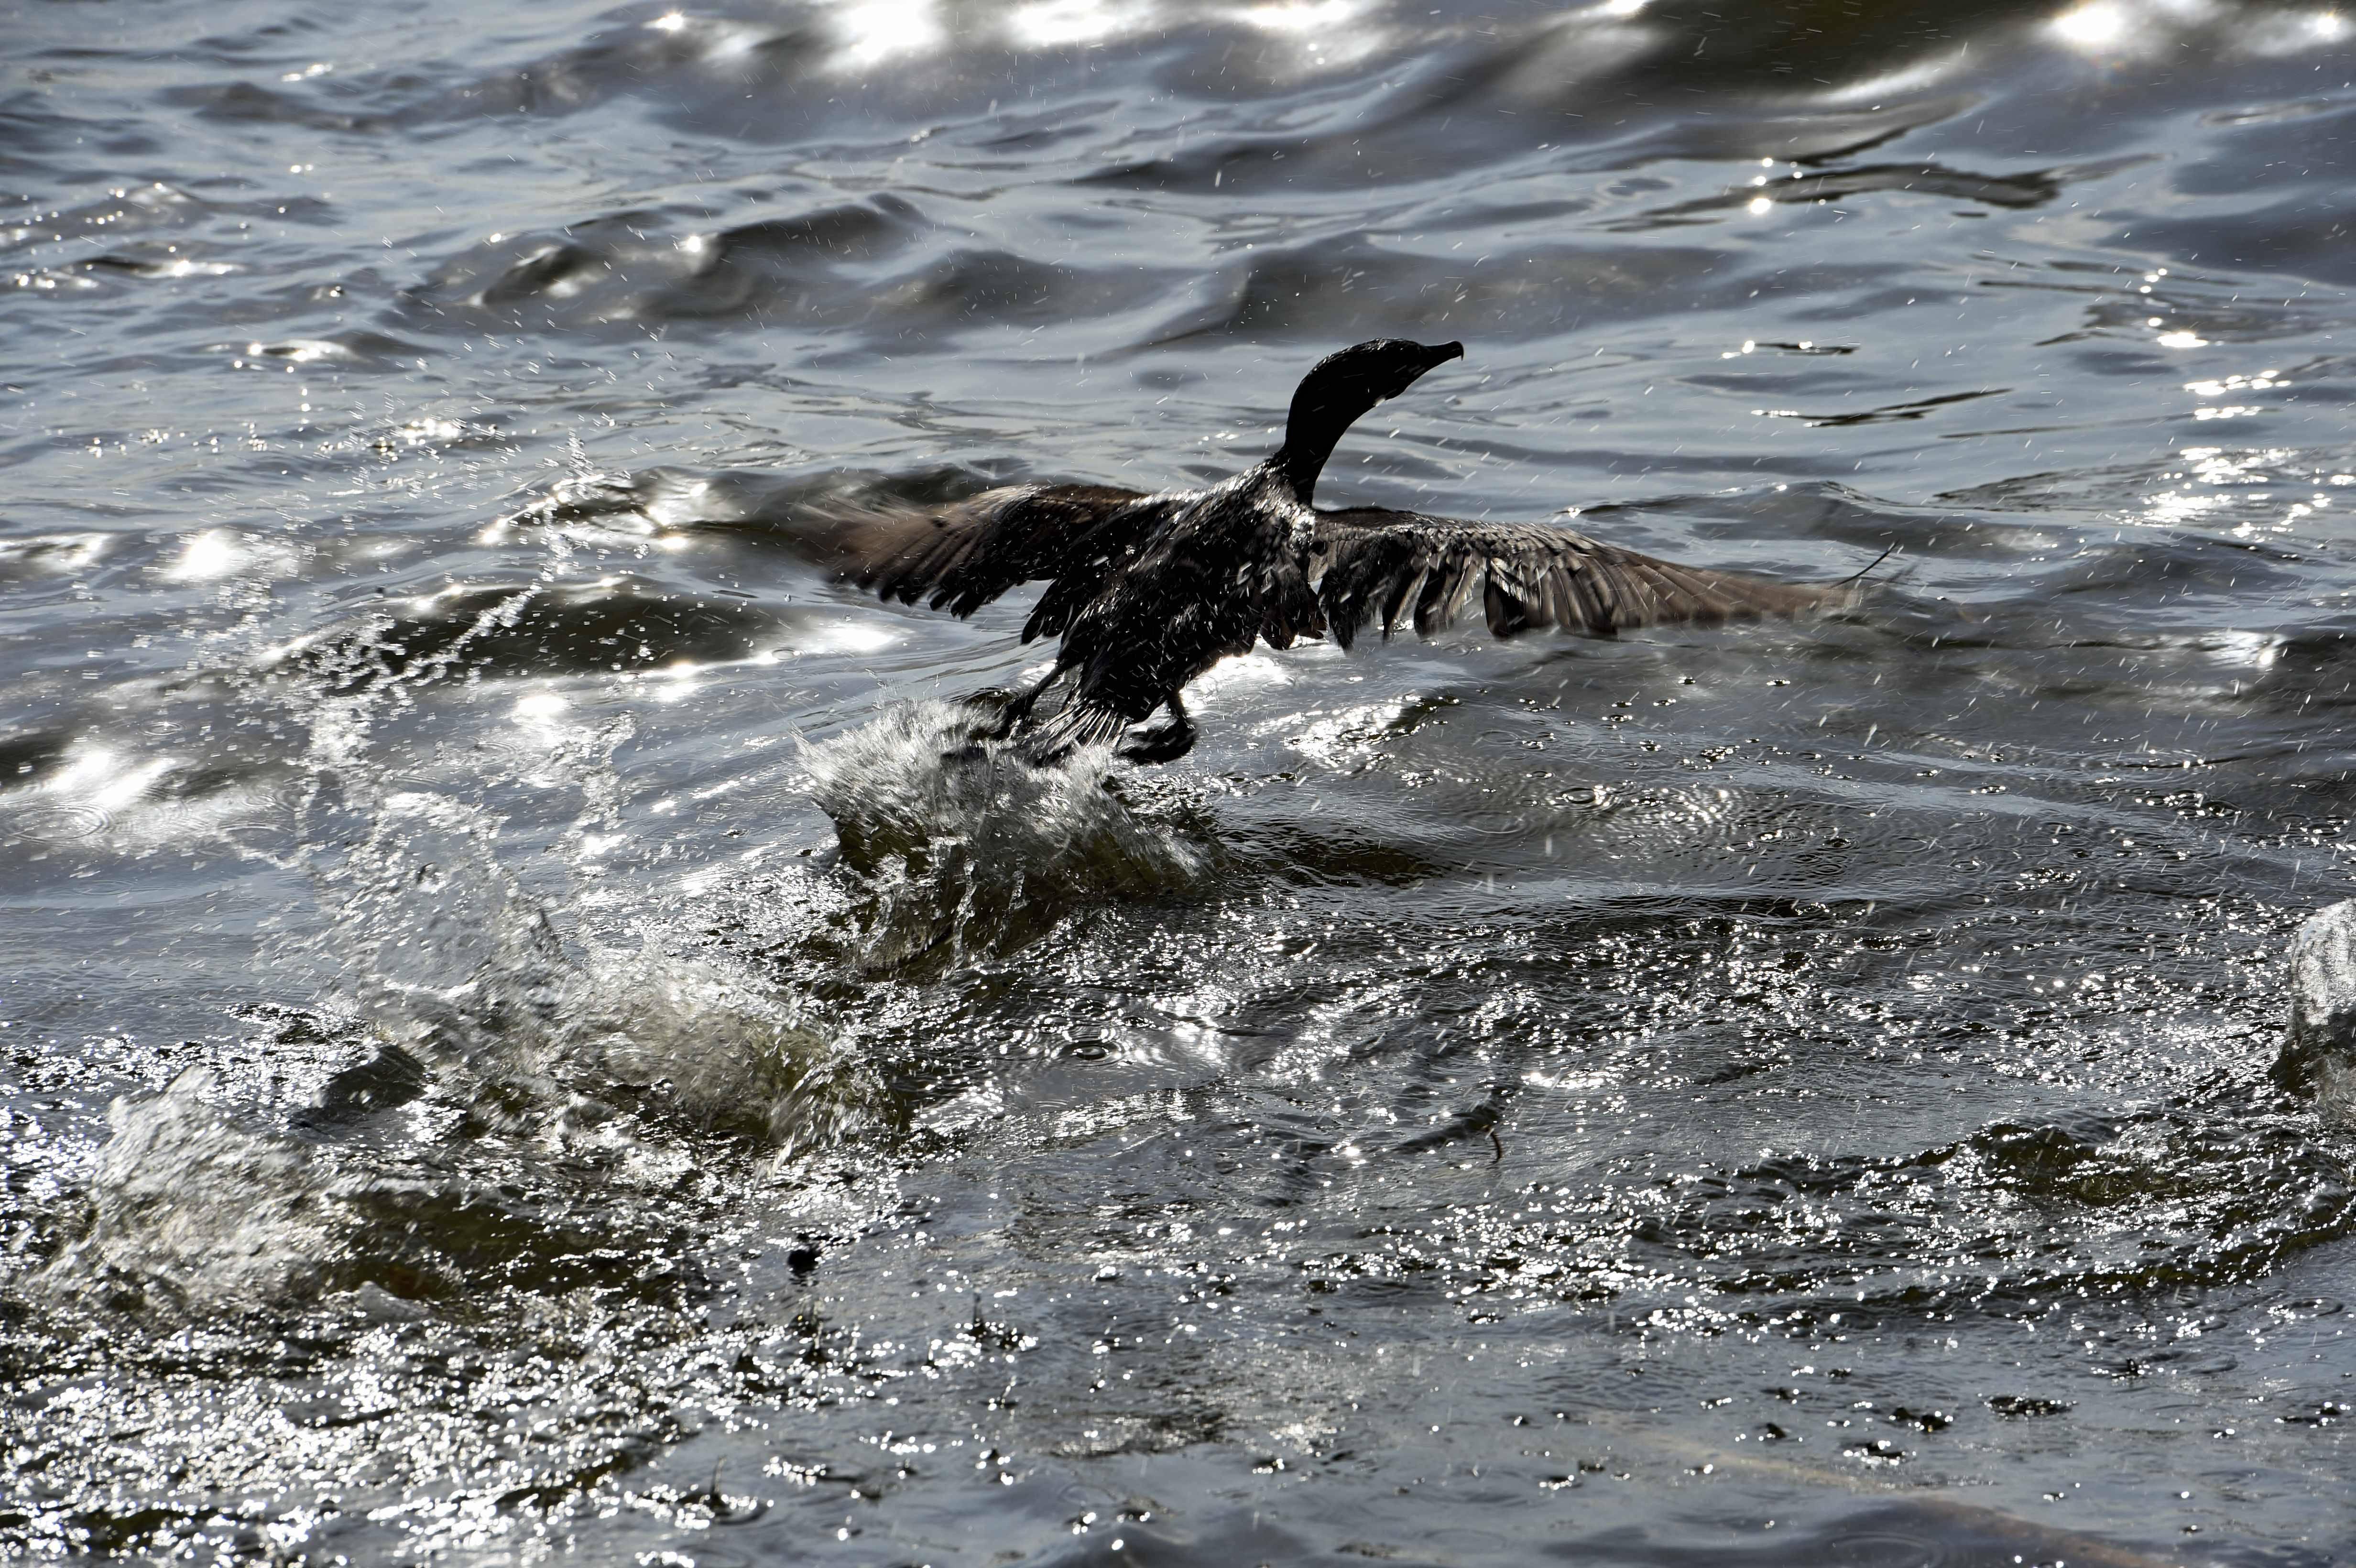 No Lago Maracaibo, ave coberta por petróleo tenta voar, mas não consegue.